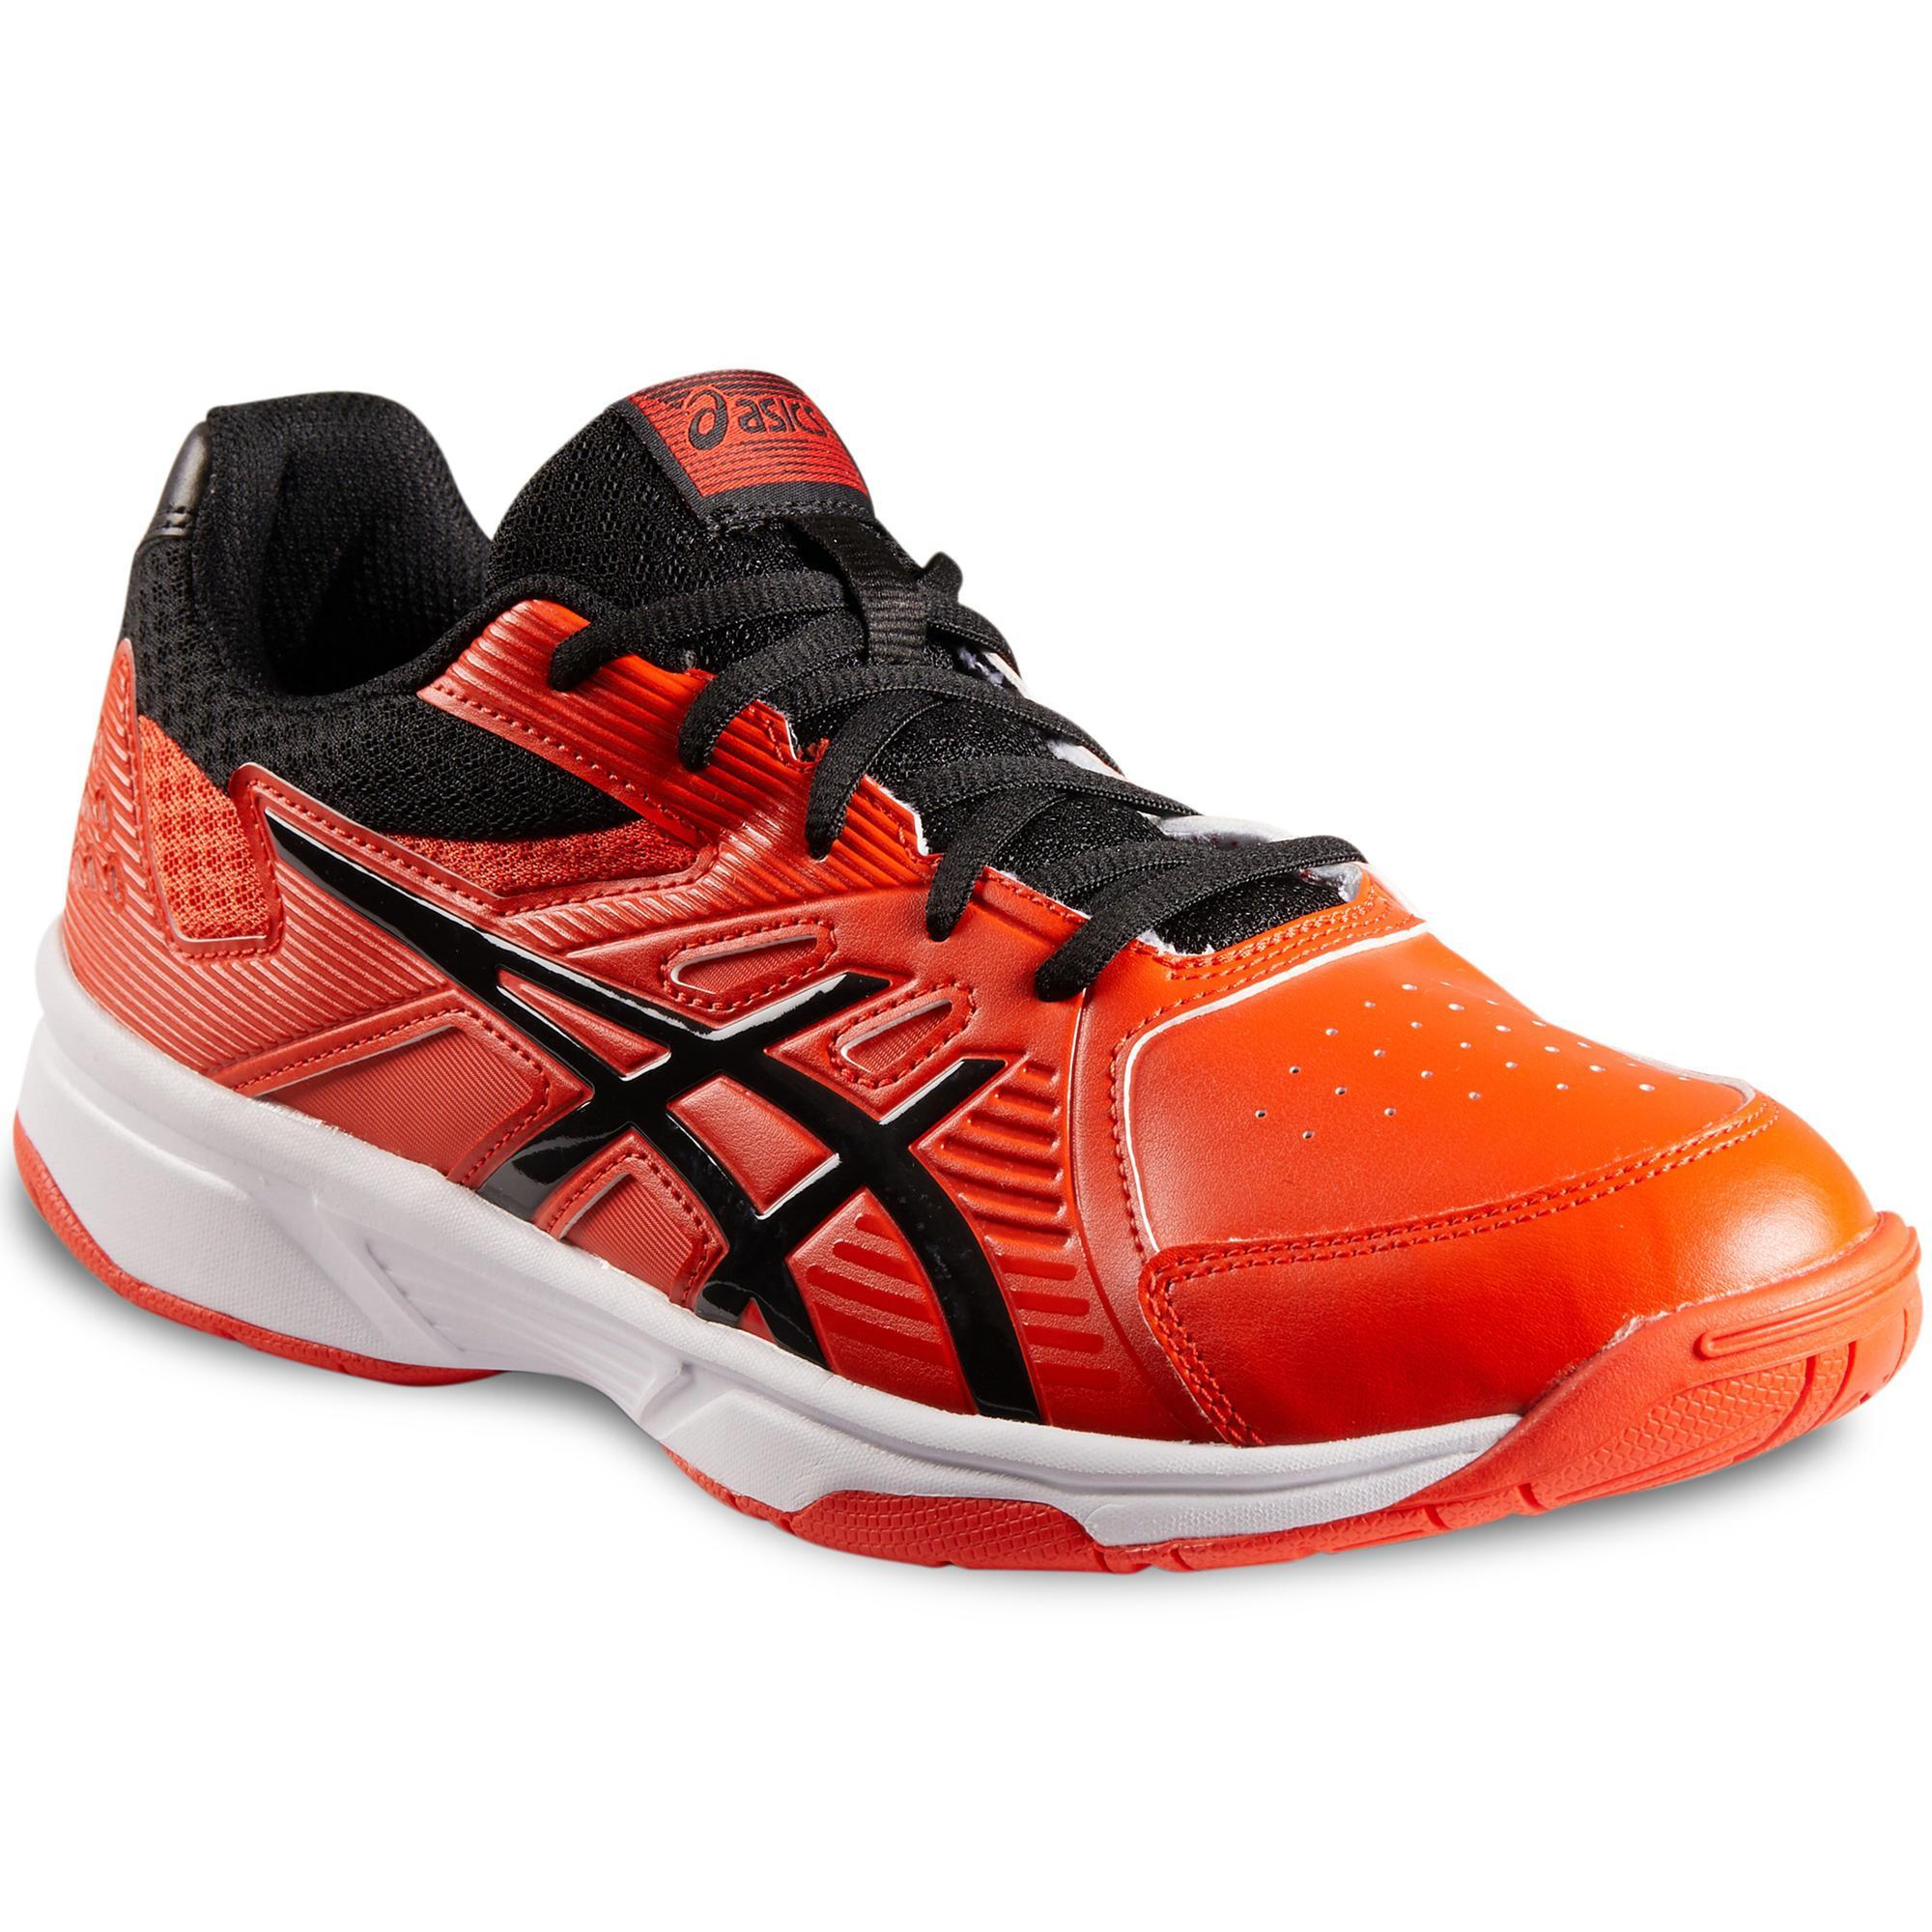 Asics Tennisschoenen voor heren Court Slide koraal multicourt